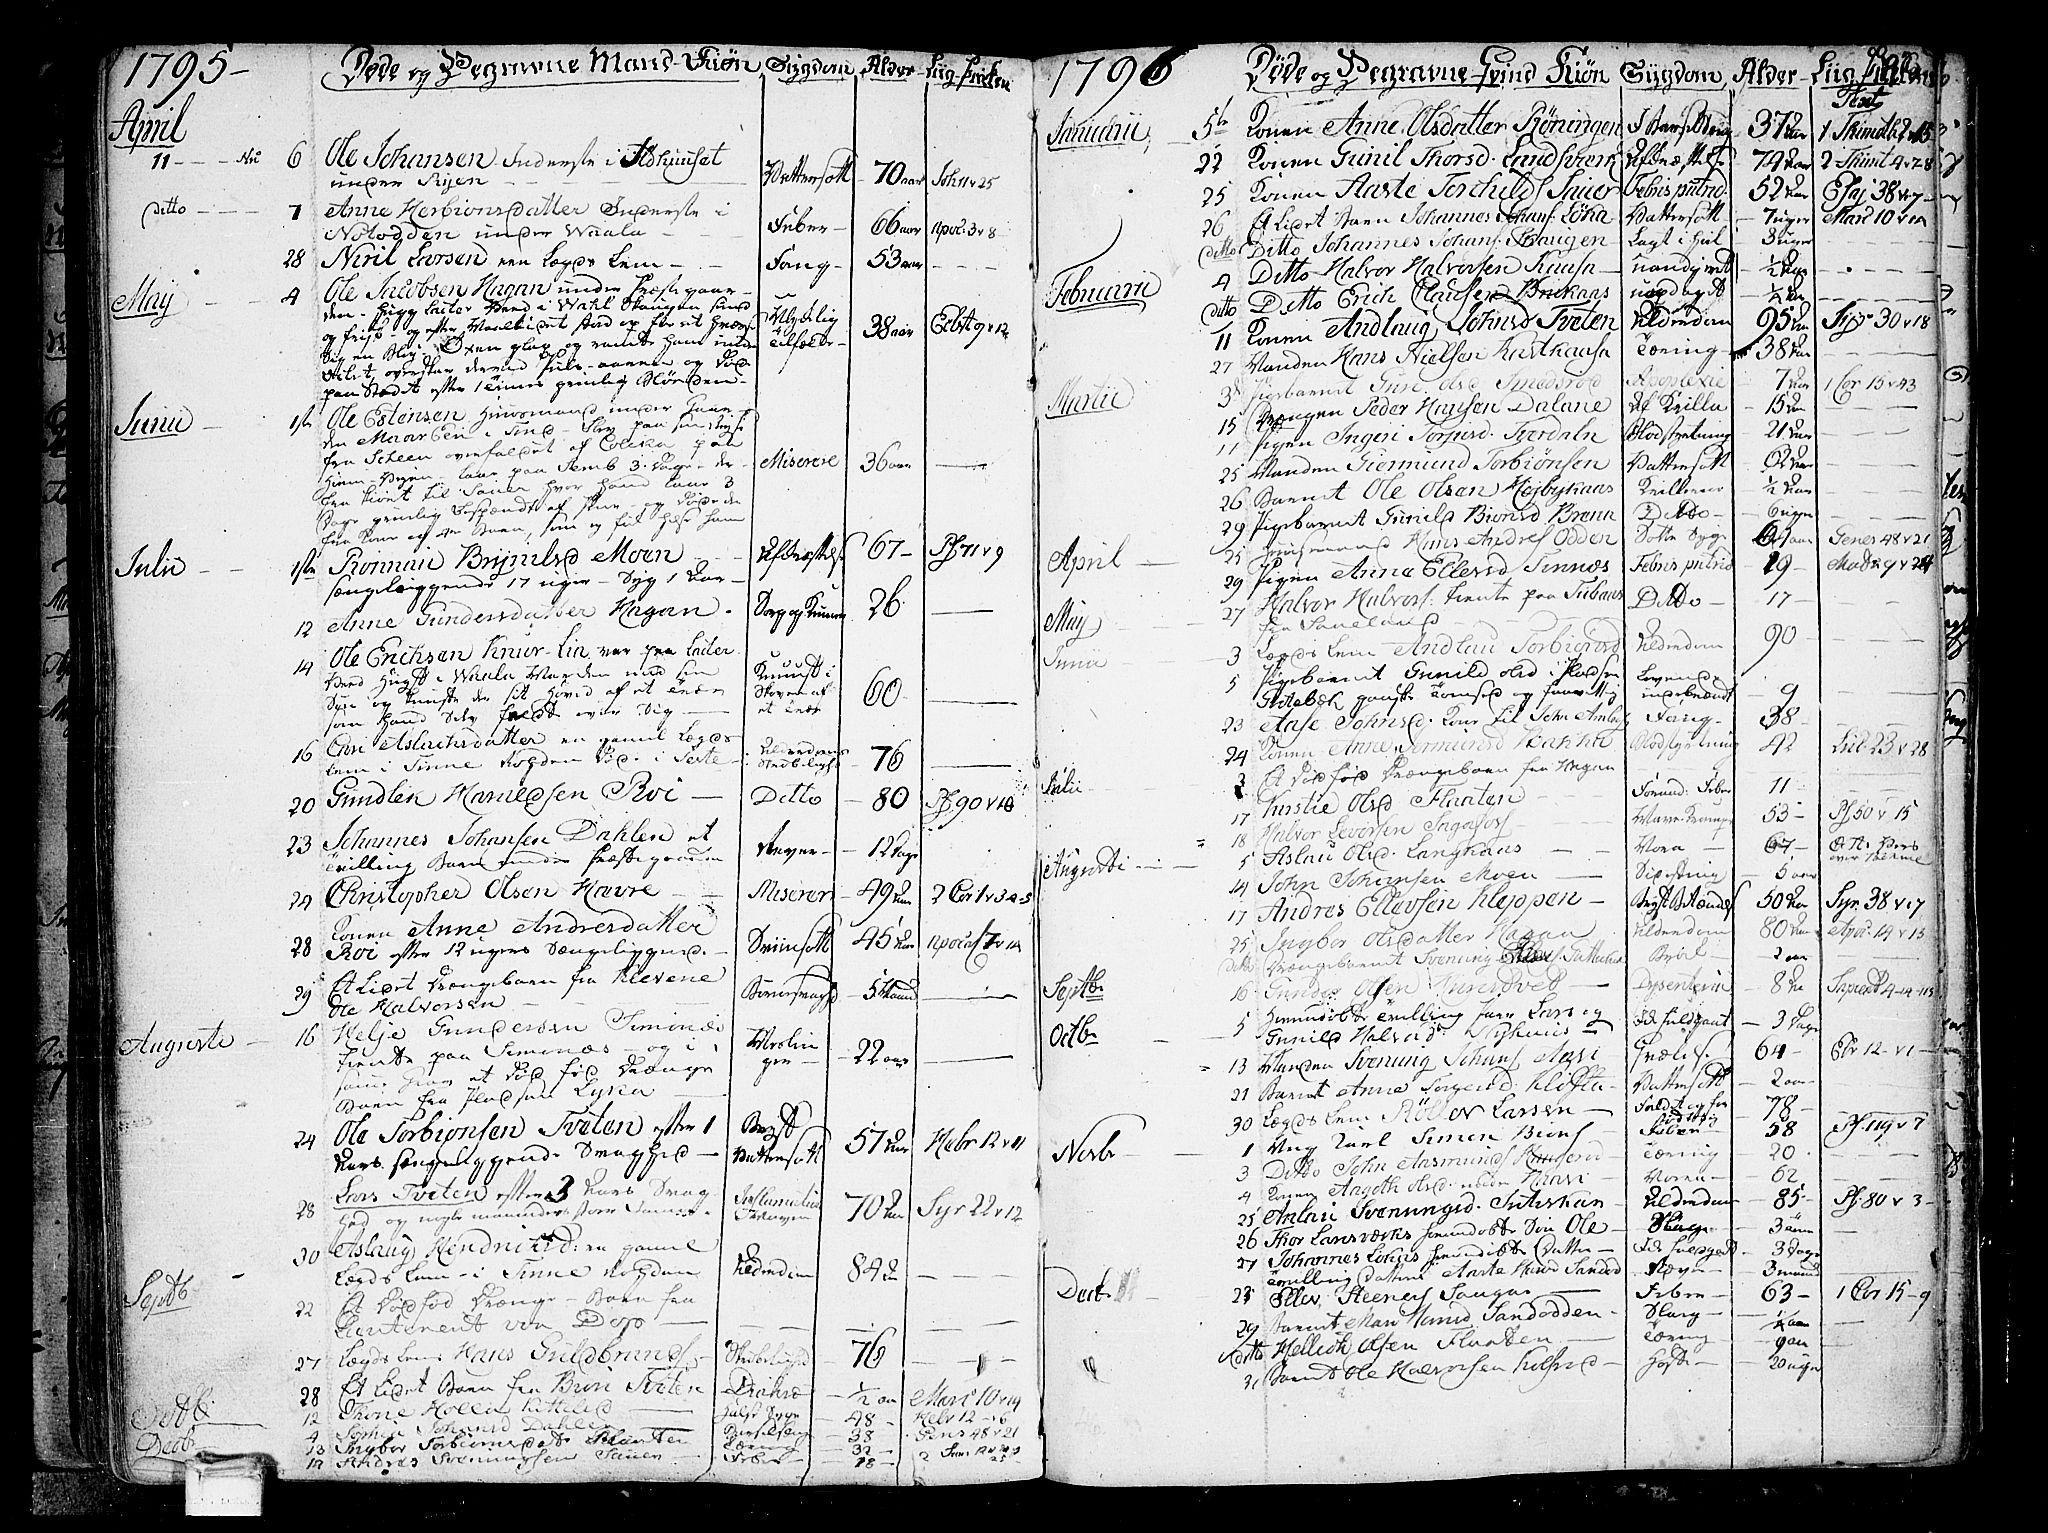 SAKO, Heddal kirkebøker, F/Fa/L0004: Ministerialbok nr. I 4, 1784-1814, s. 192